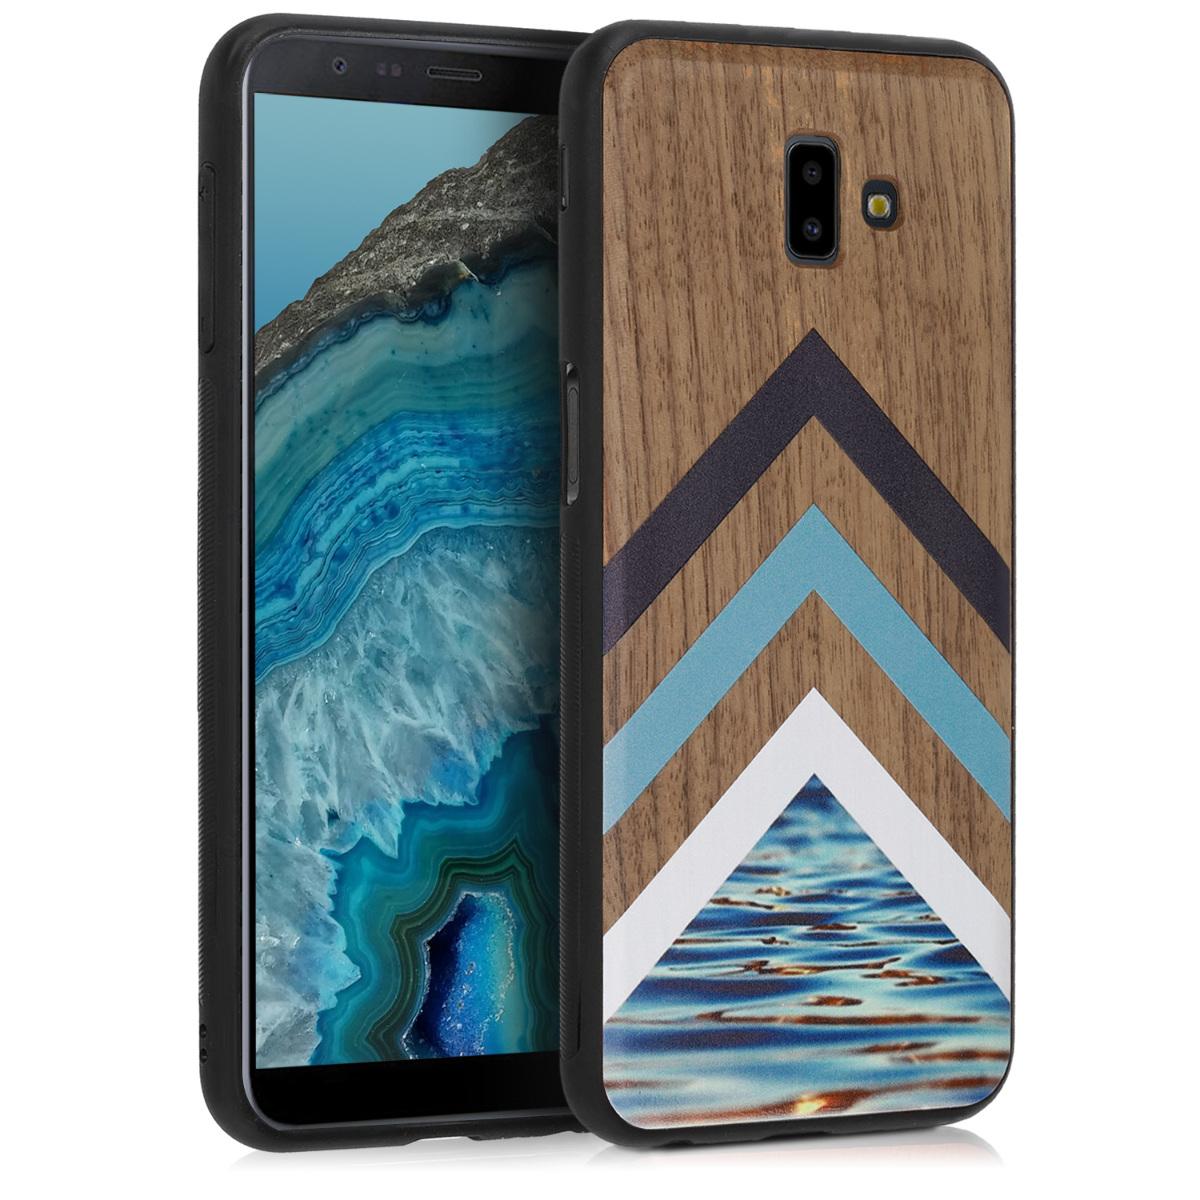 Dřevěné pouzdro pro Samsung J6+ | J6 Plus DUOS - Wood and Water světle  modré / bílé / Dark Brown